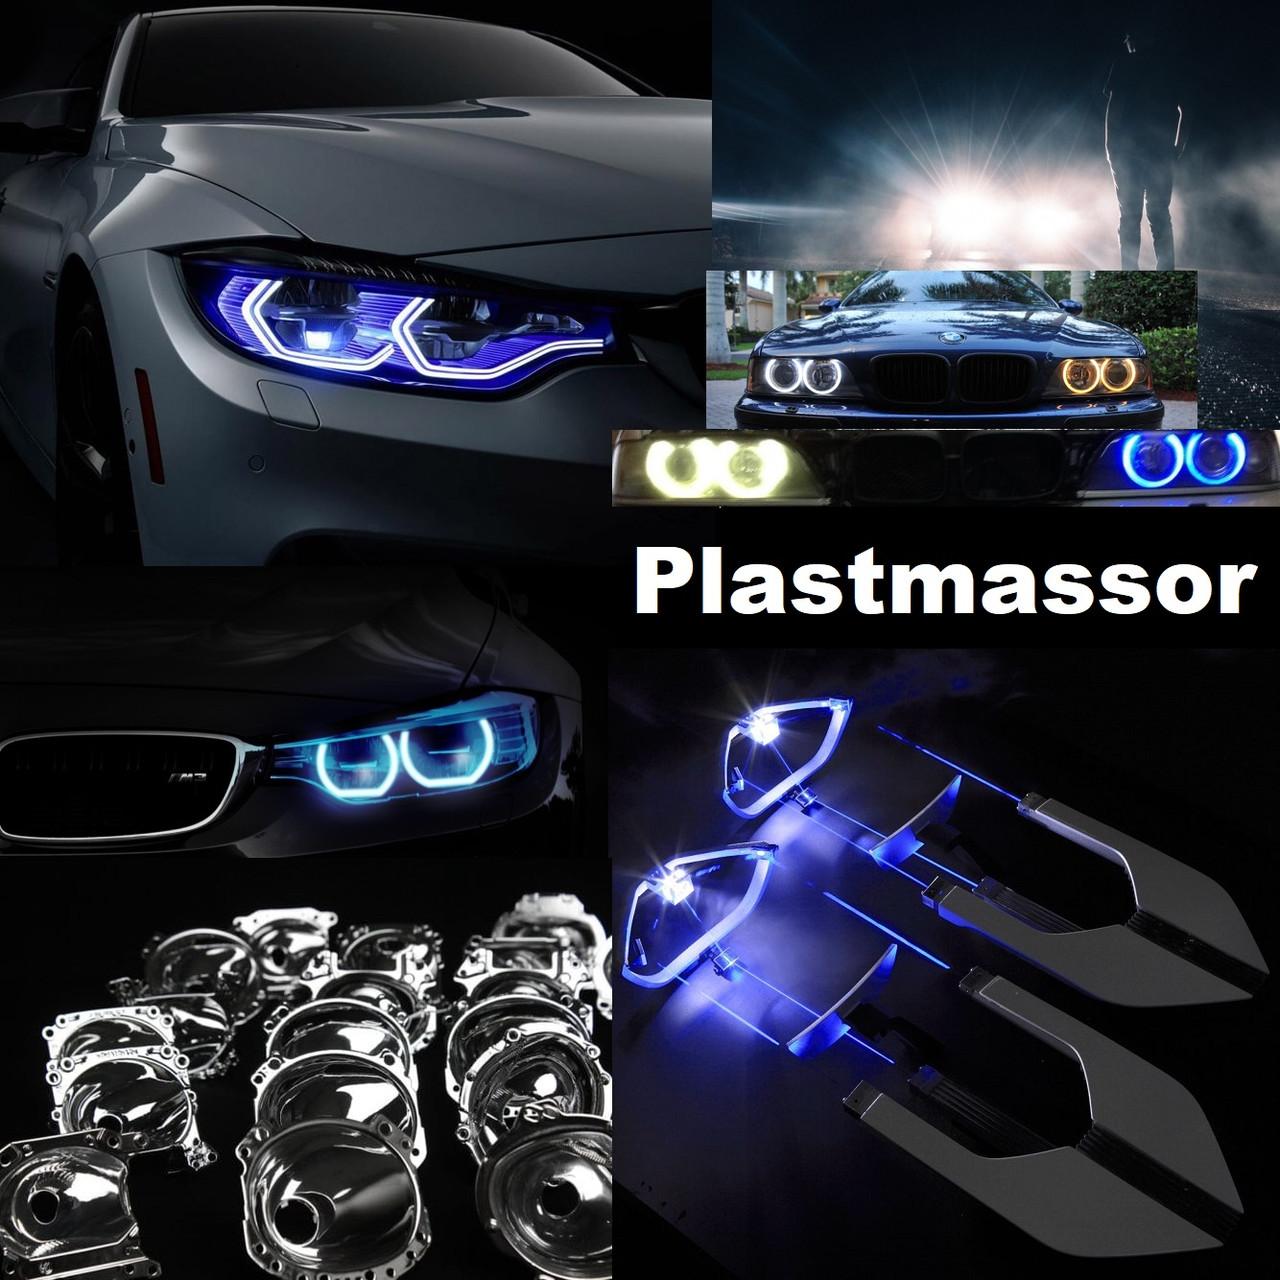 Ремонт Plastmassor вакуумная металлизация восстановление отражателей фар Daihatsu